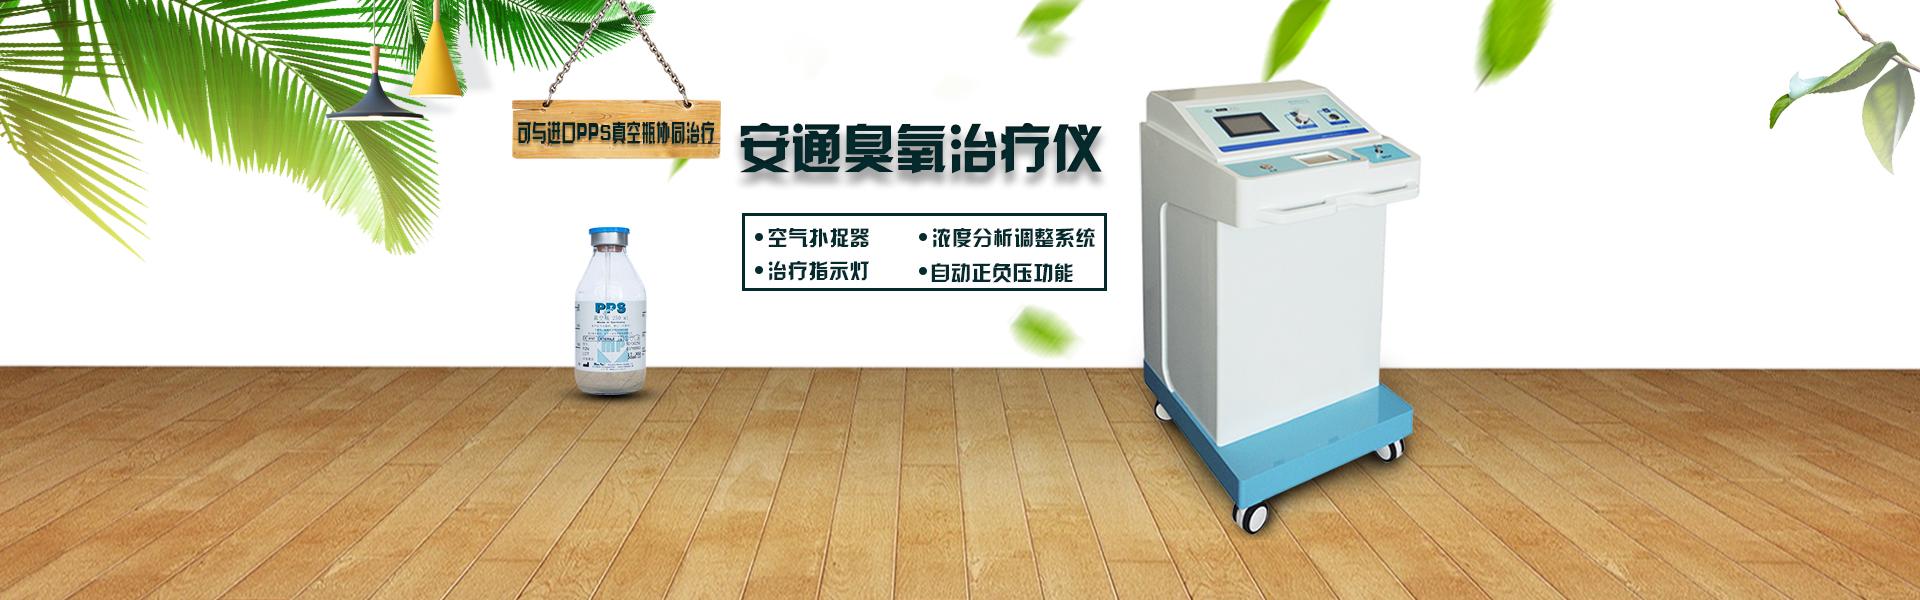 北京安通医疗器械有限公司